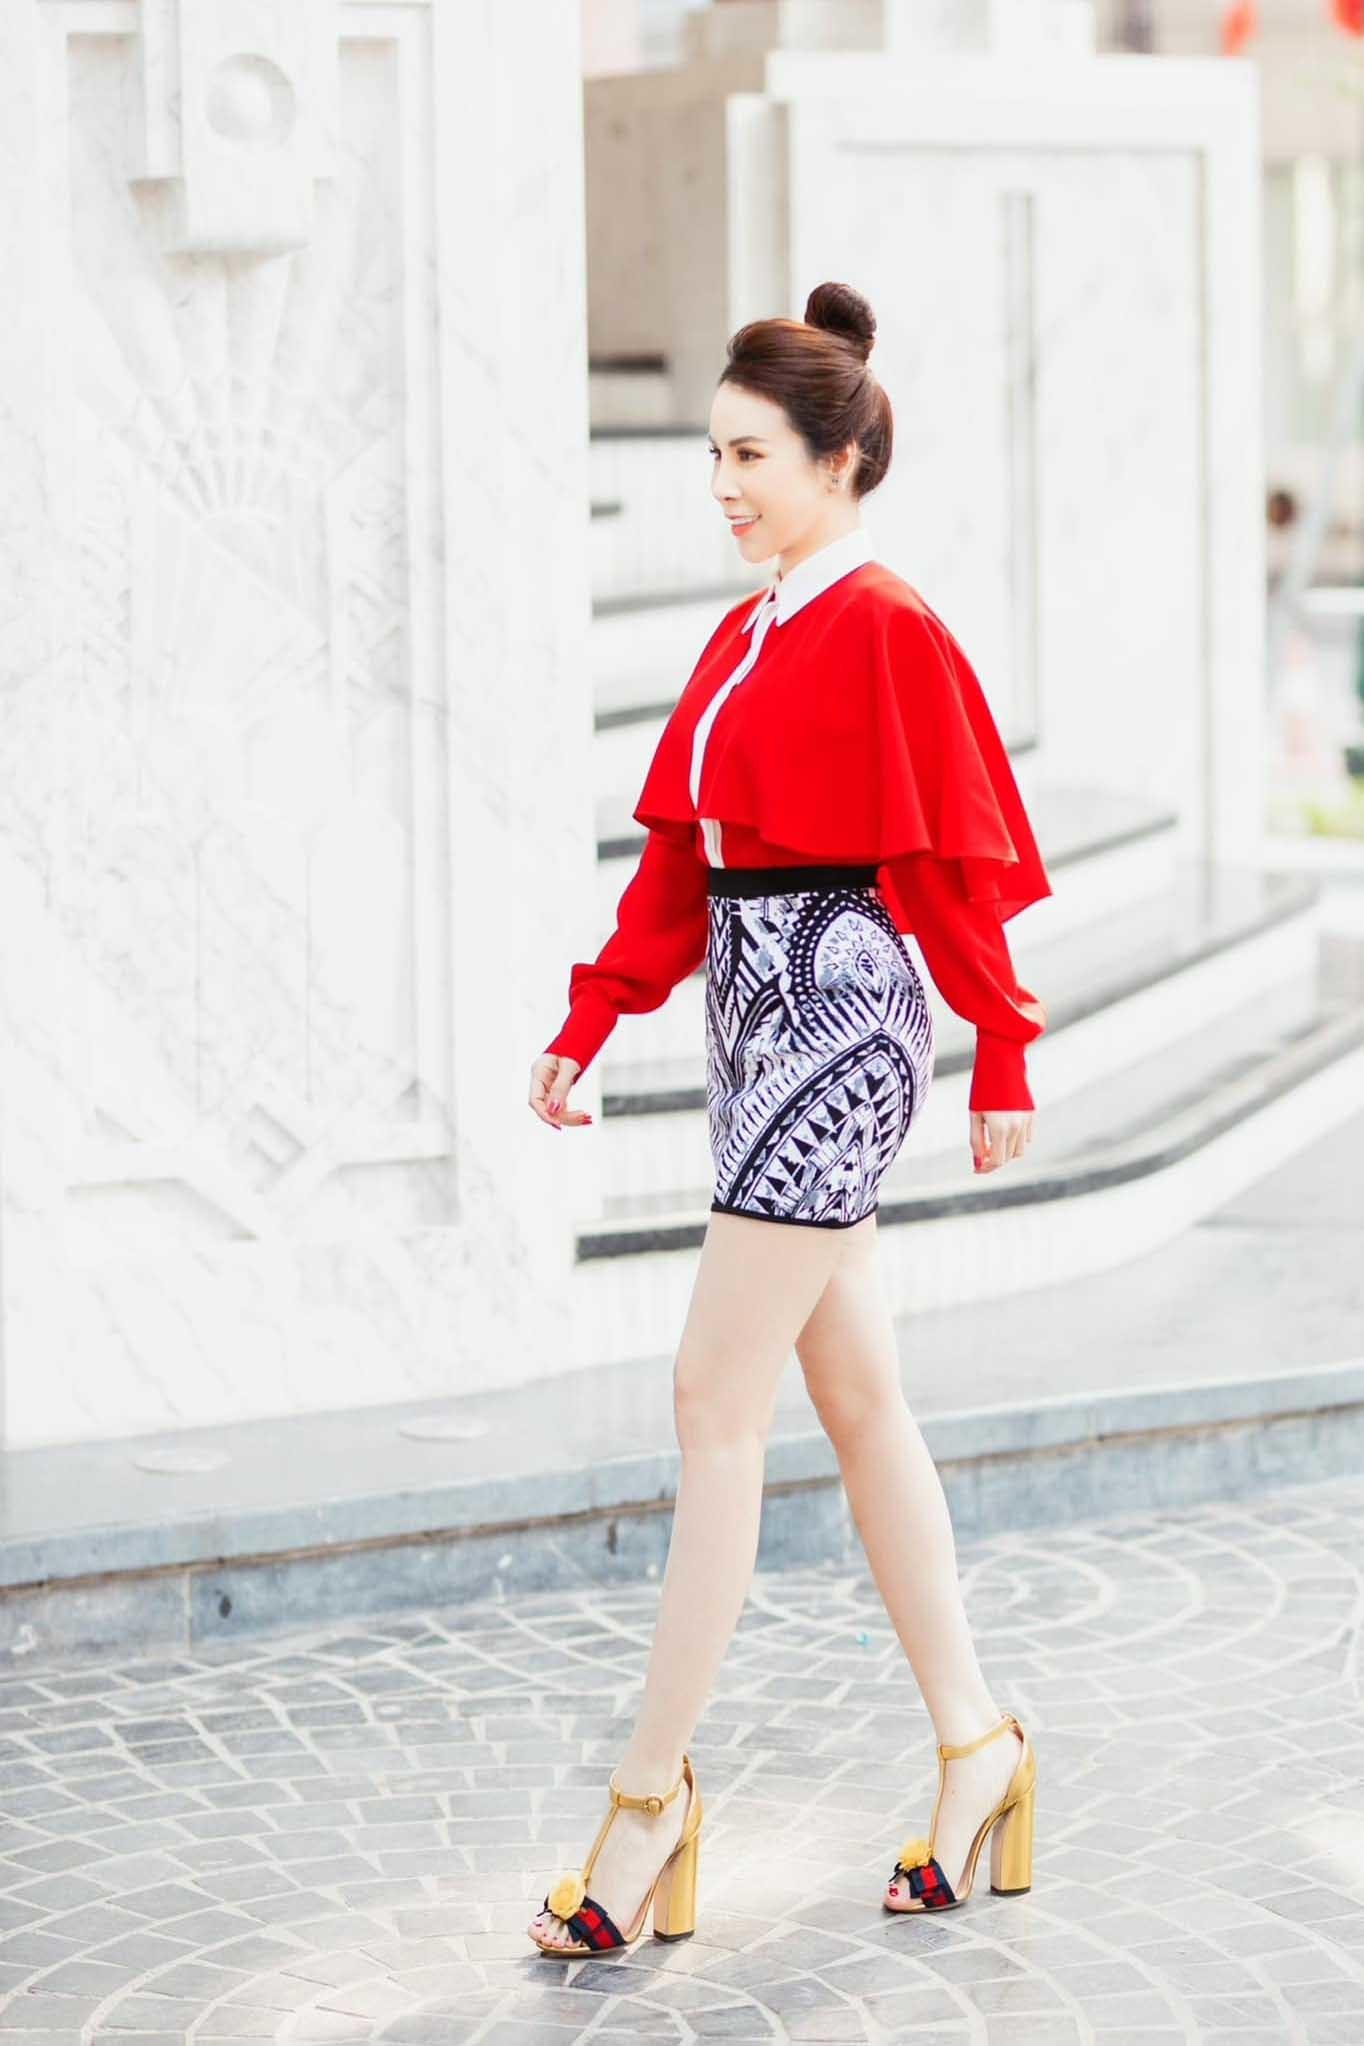 Hoa hậu Hoàng Dung gợi ý cách mặc đẹp đi chơi Tết